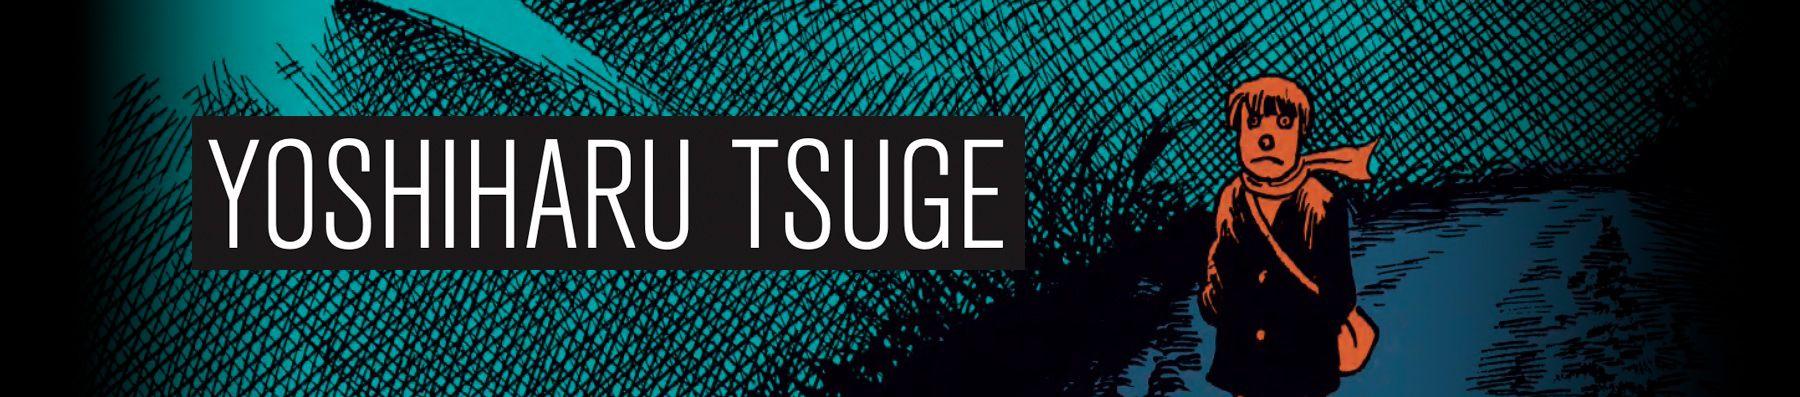 Dossier manga - Yoshiharu Tsuge